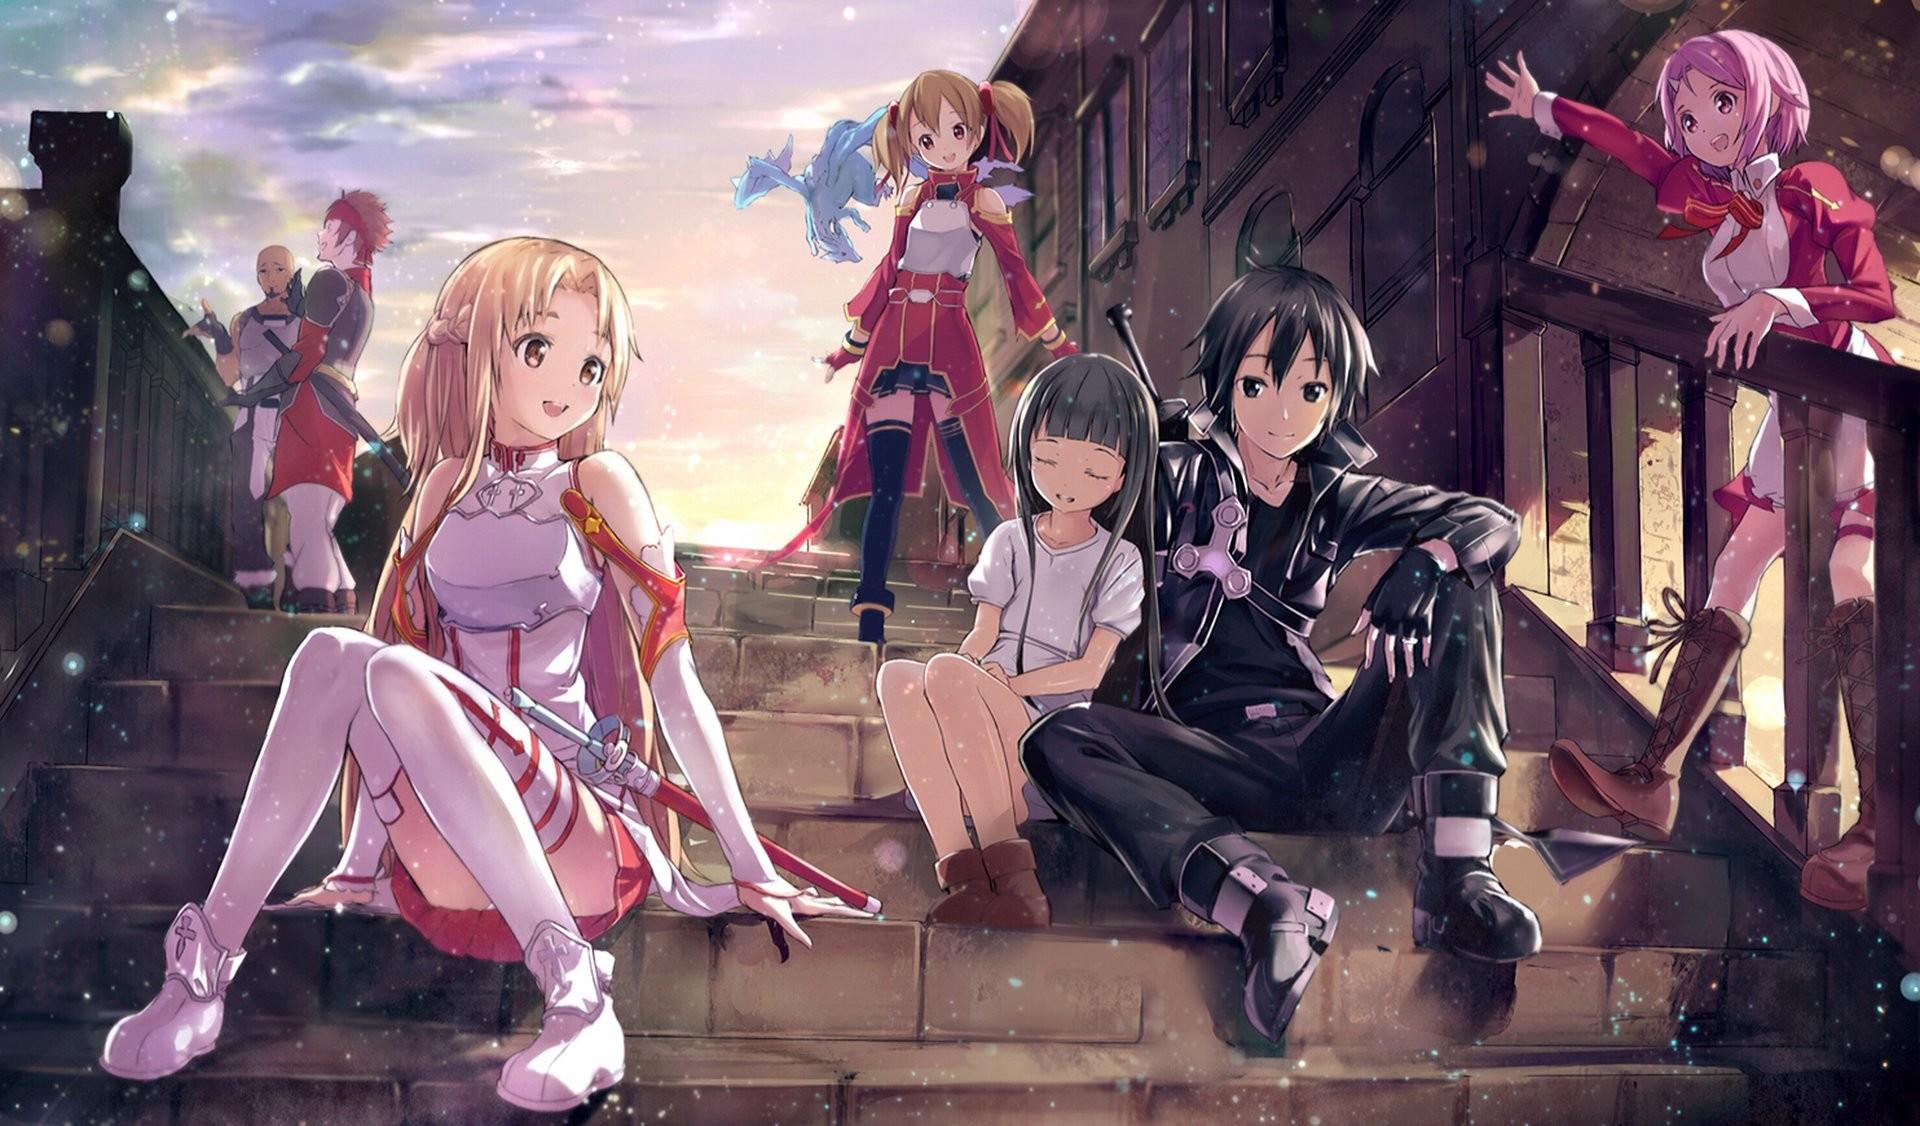 Sword Art Online Iphone Wallpaper 73 Images